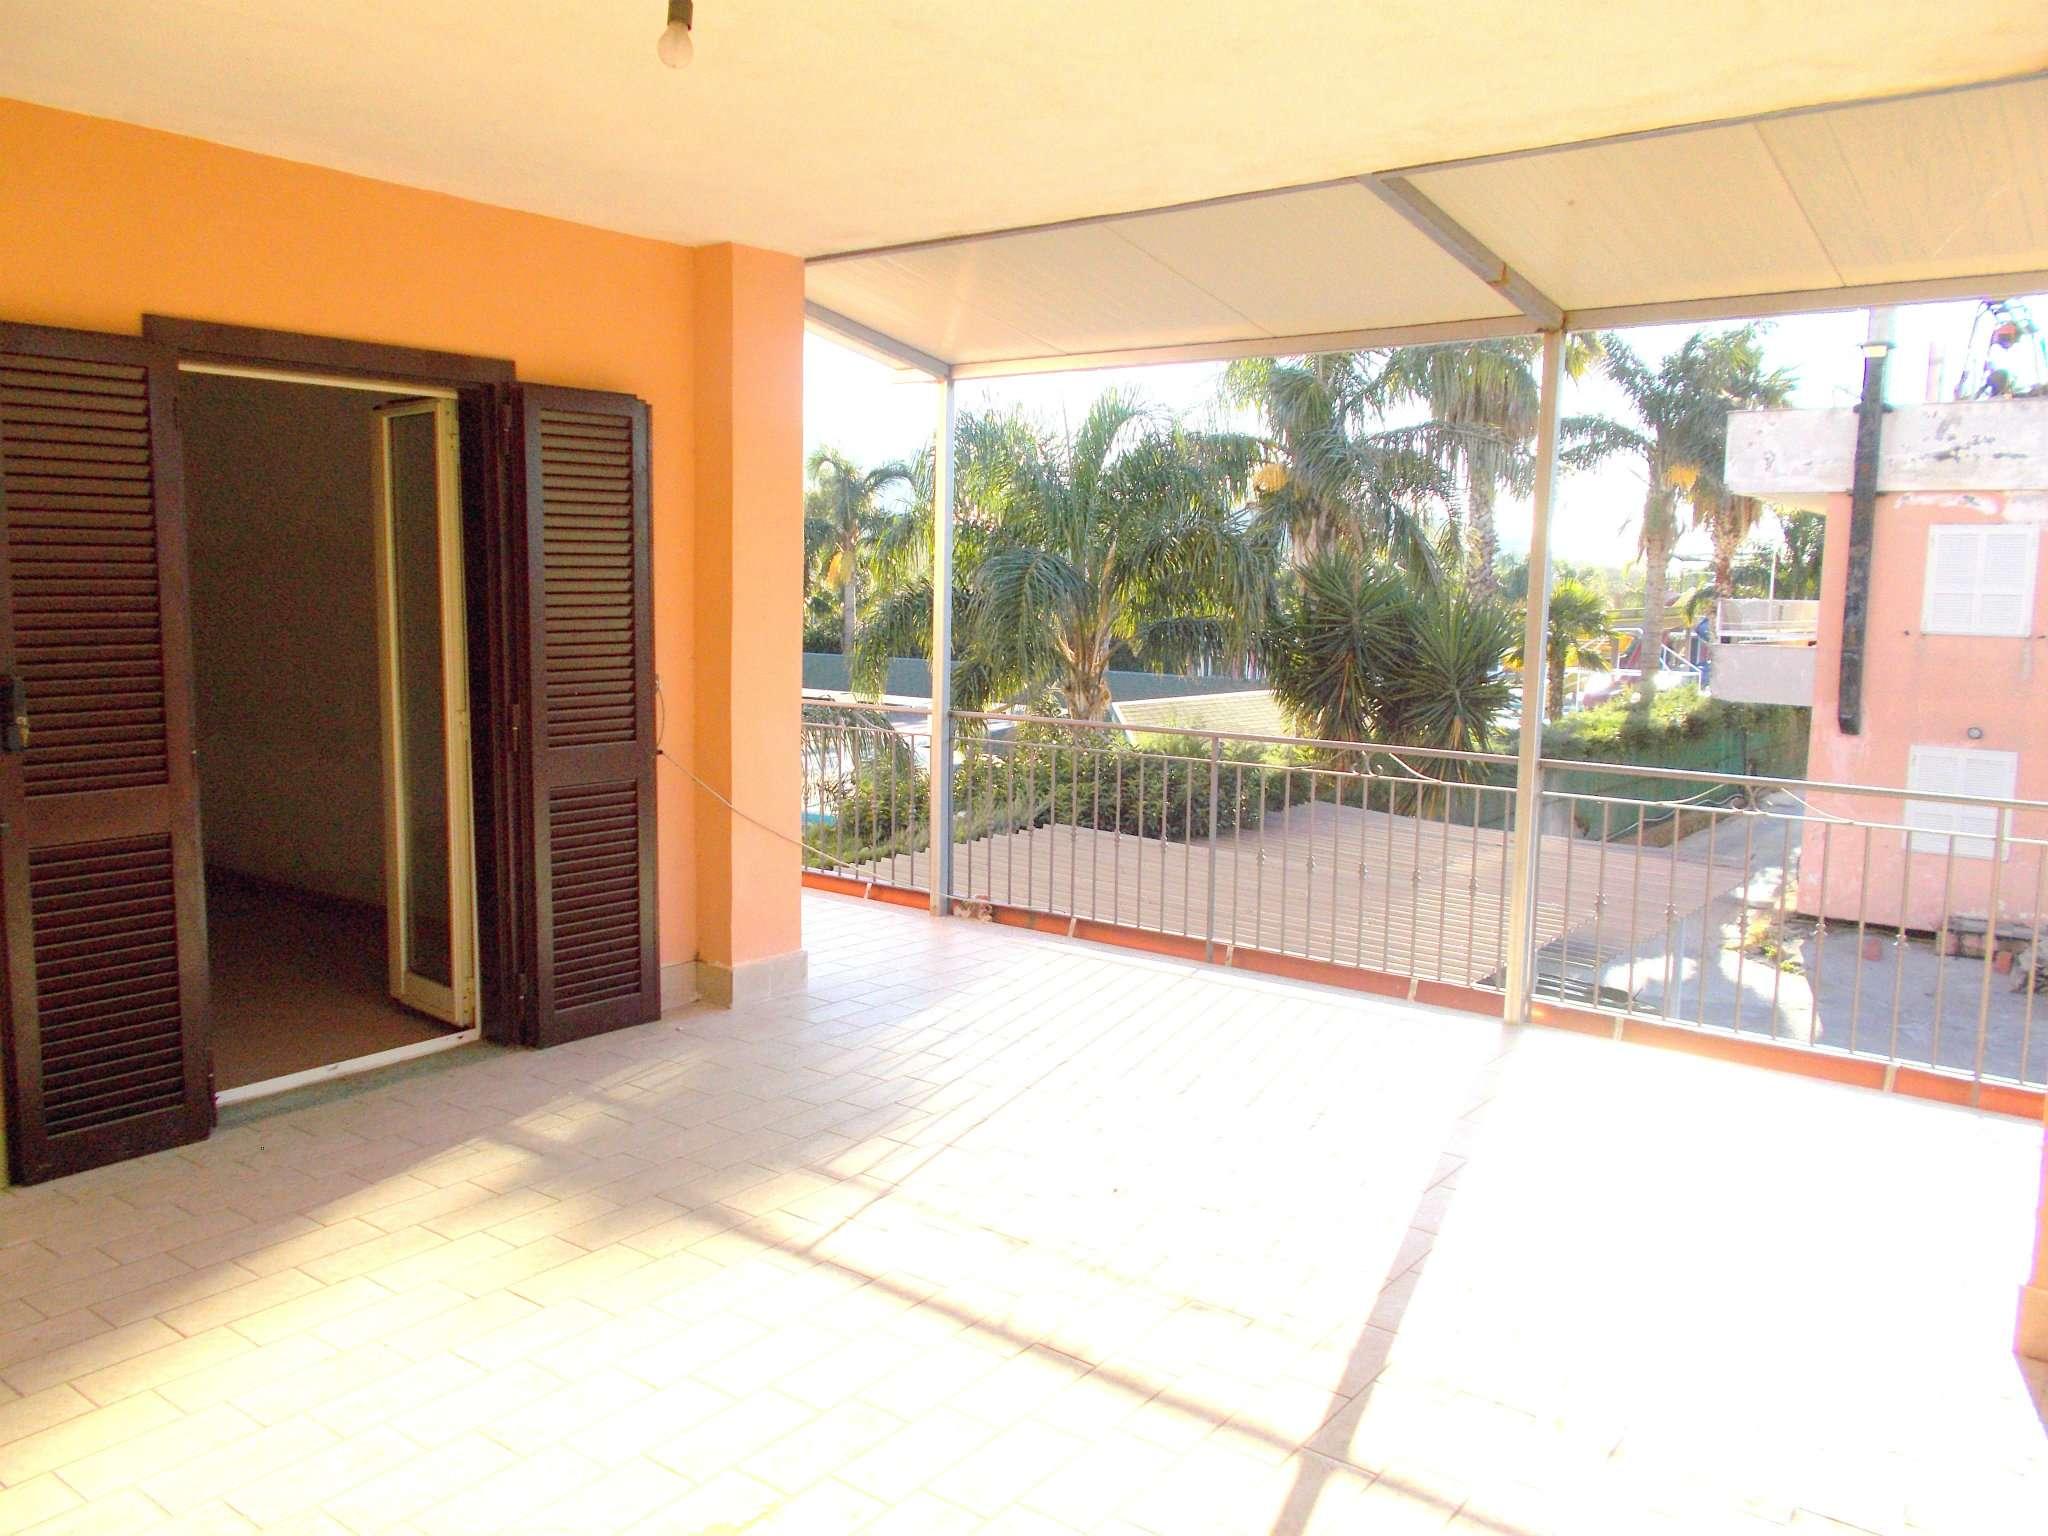 Appartamento in affitto a Santa Maria a Vico, 3 locali, prezzo € 320 | CambioCasa.it